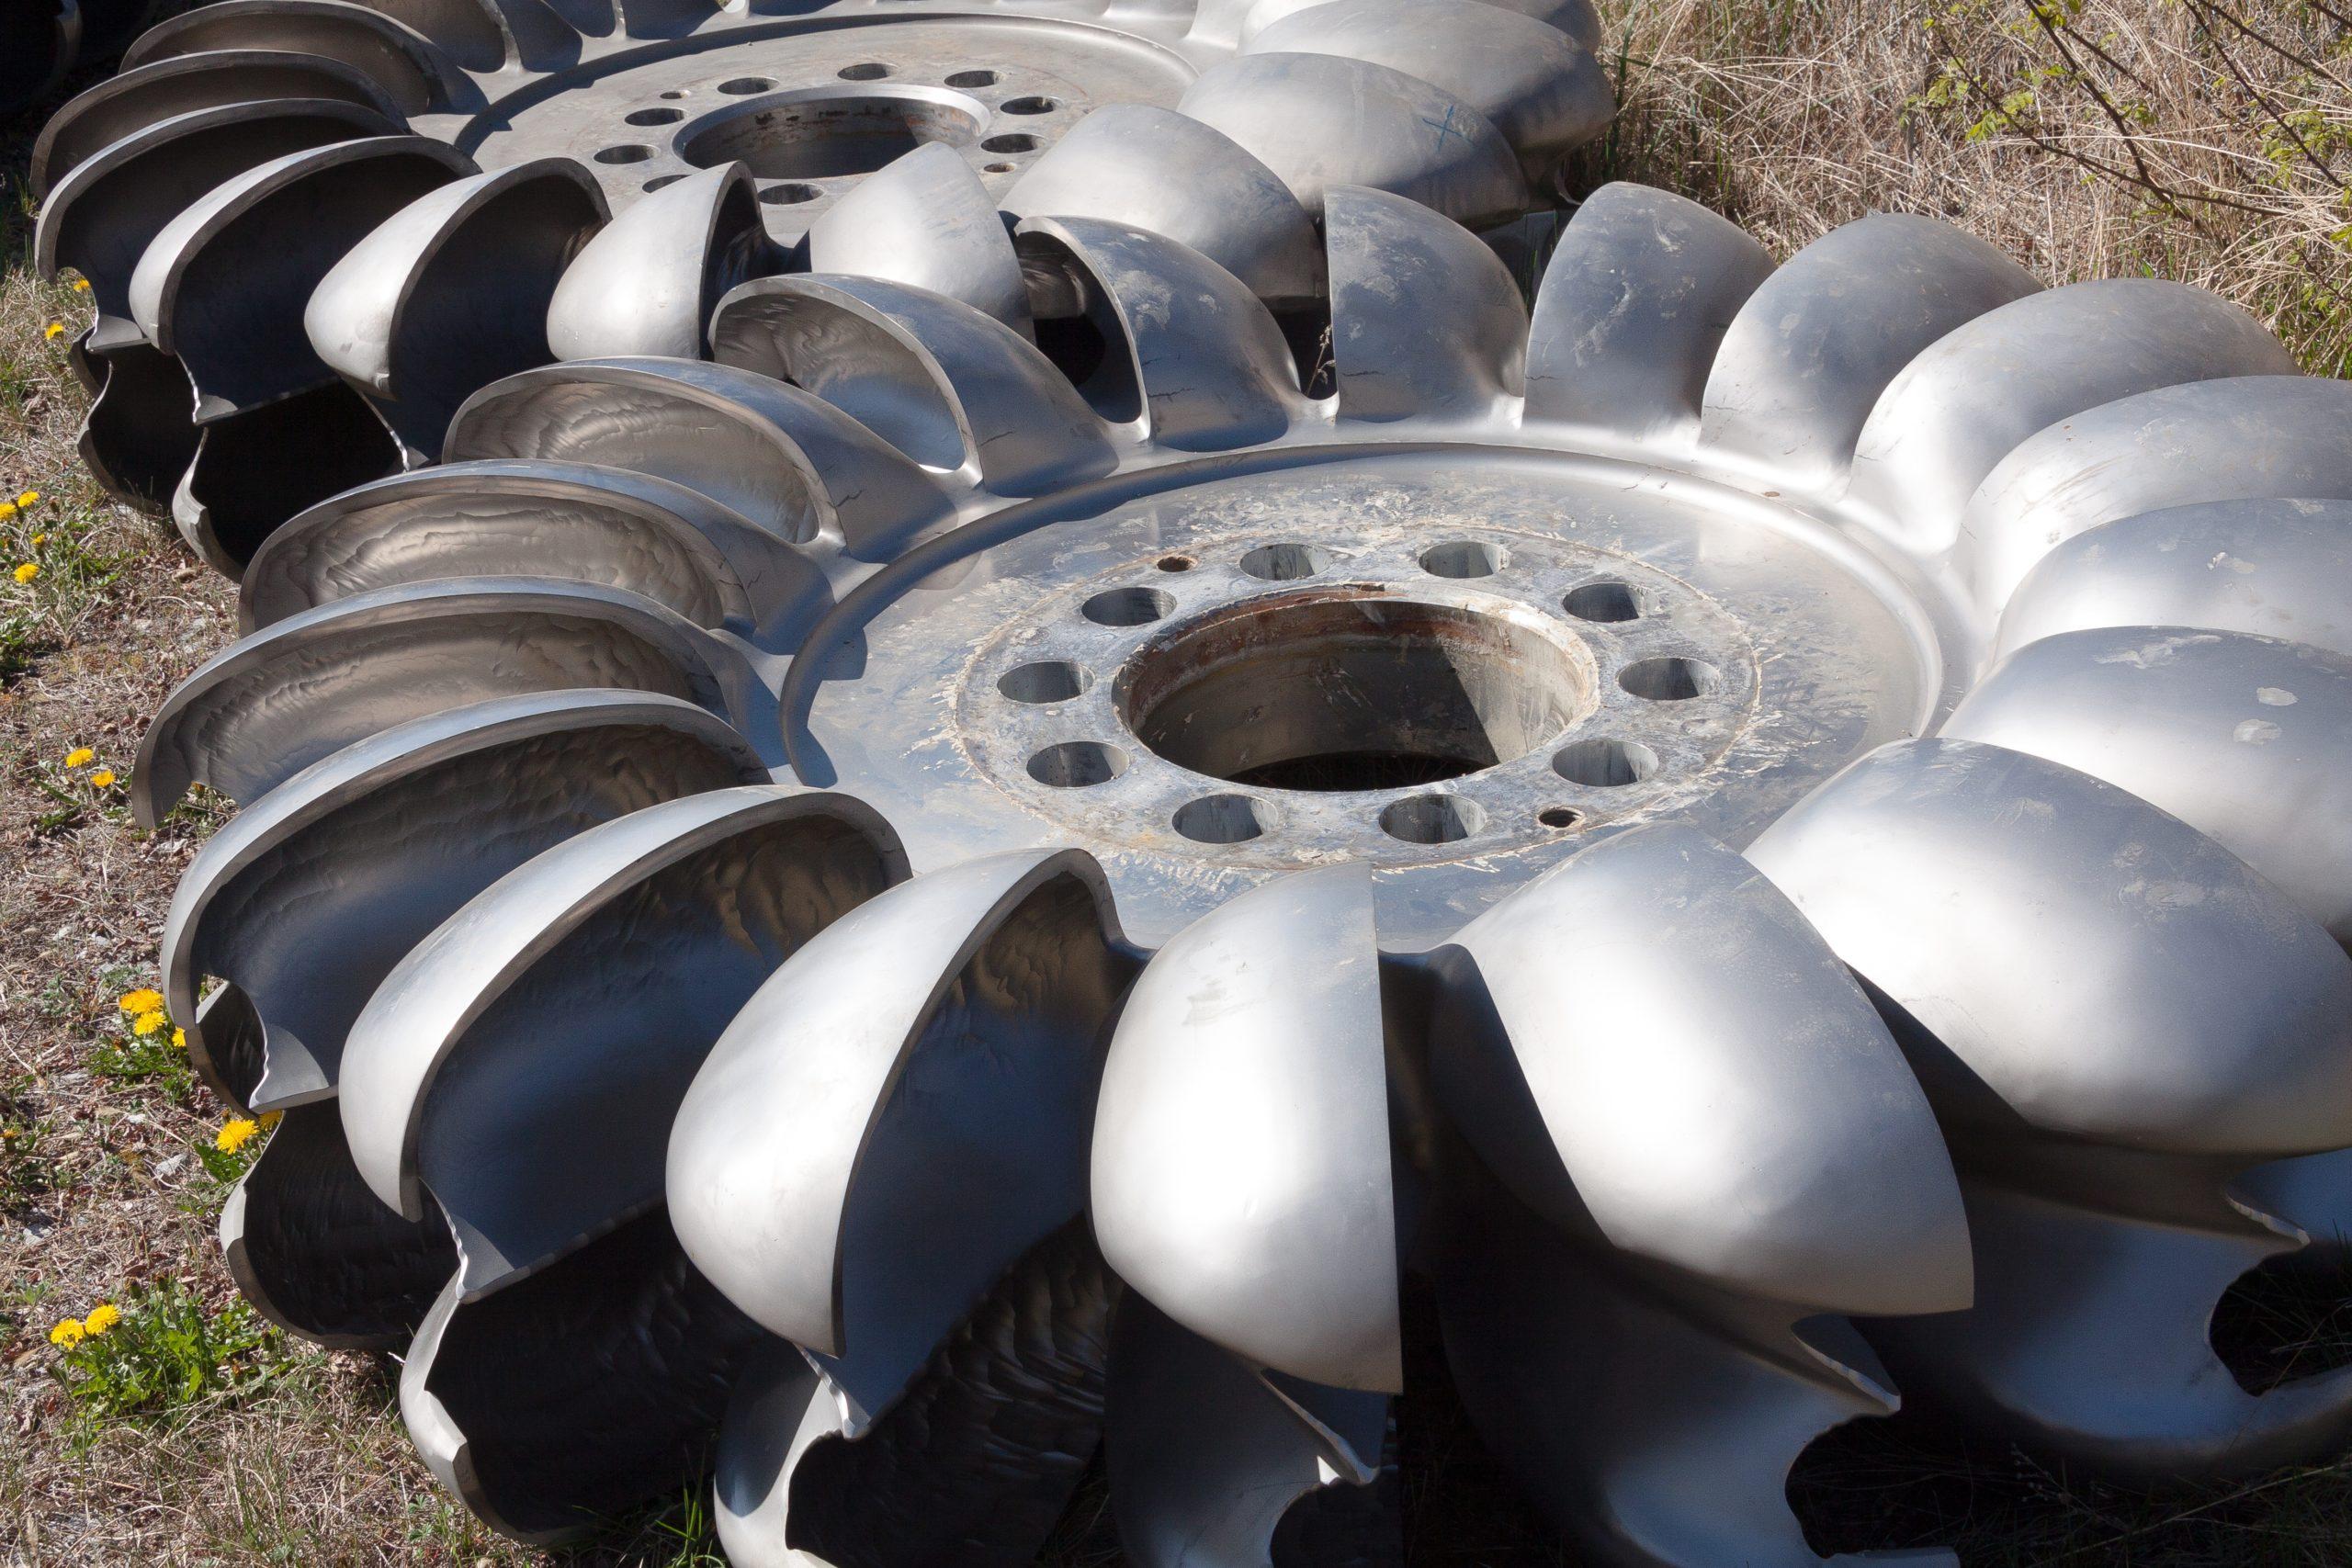 Pelton Wheel turbine - Impulse turbine